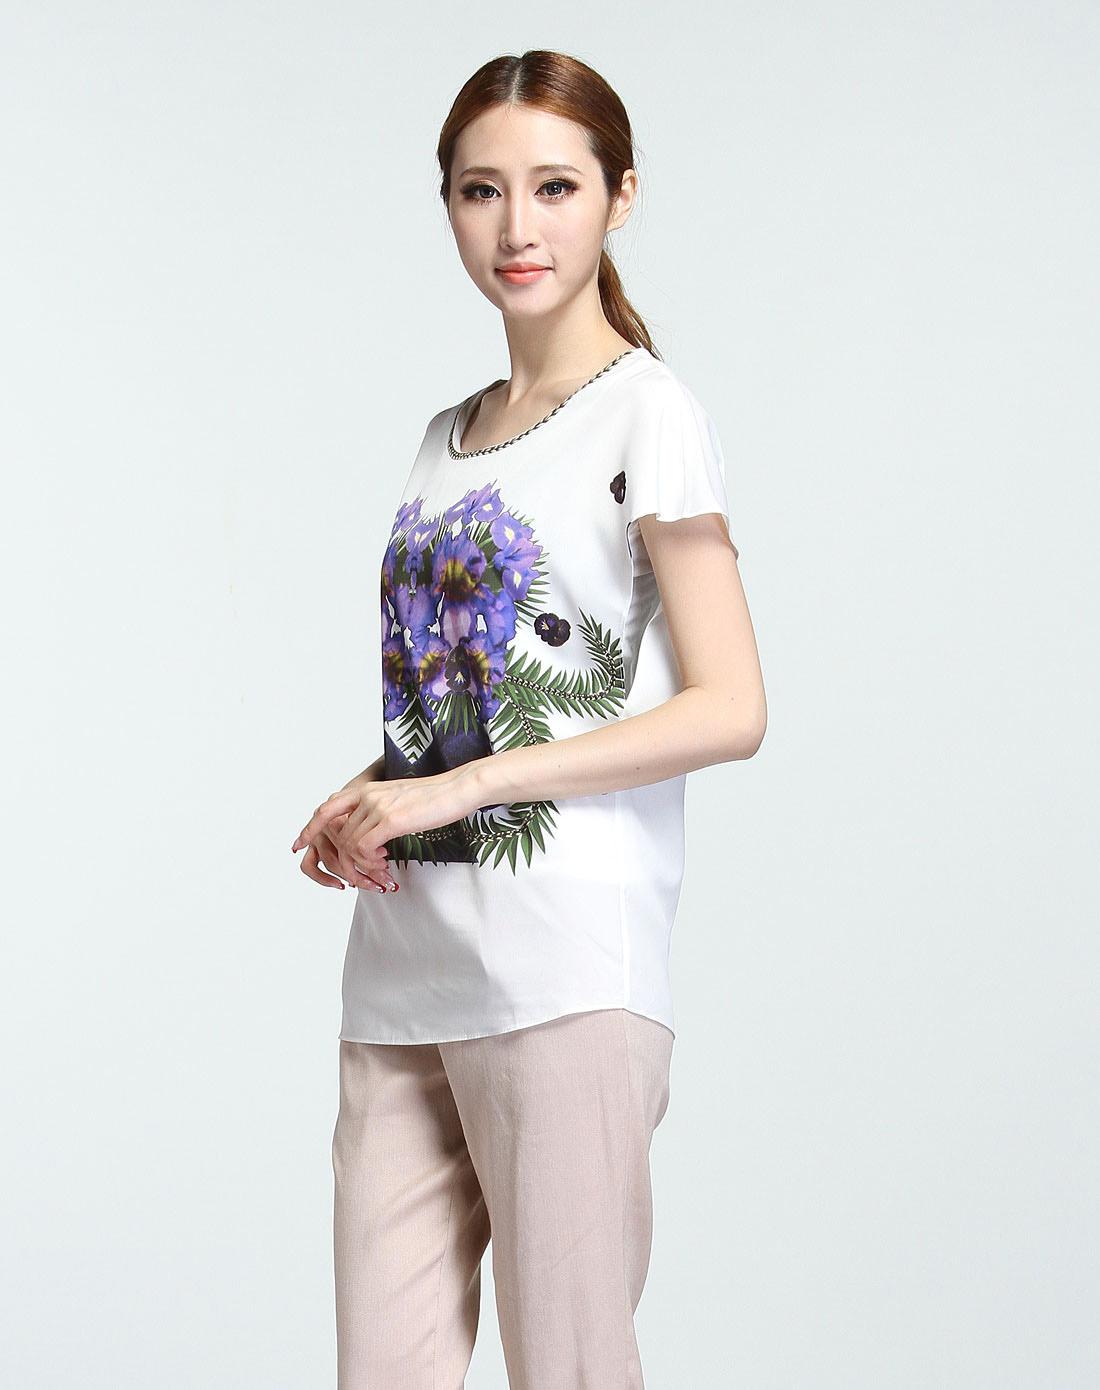 清新花朵图案白底紫色短袖上衣